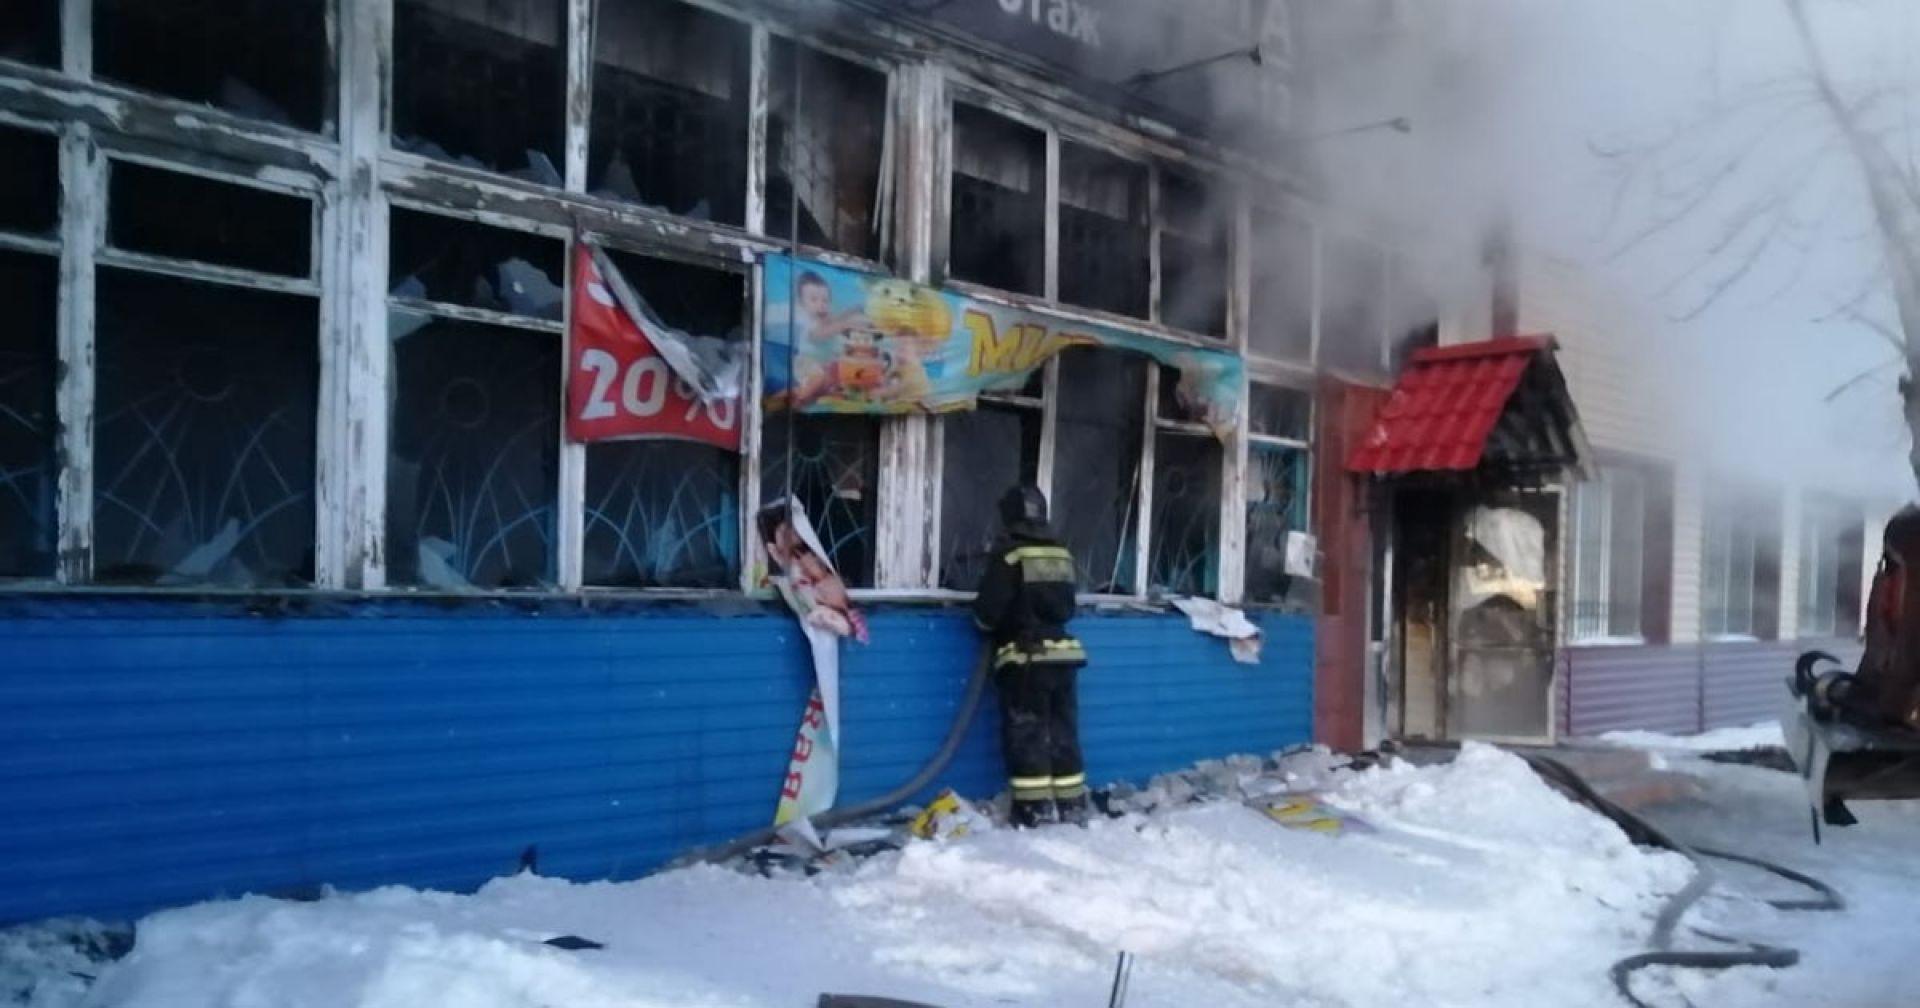 Прокуратура проводит проверку в связи с пожаром в торговом центре Татарска